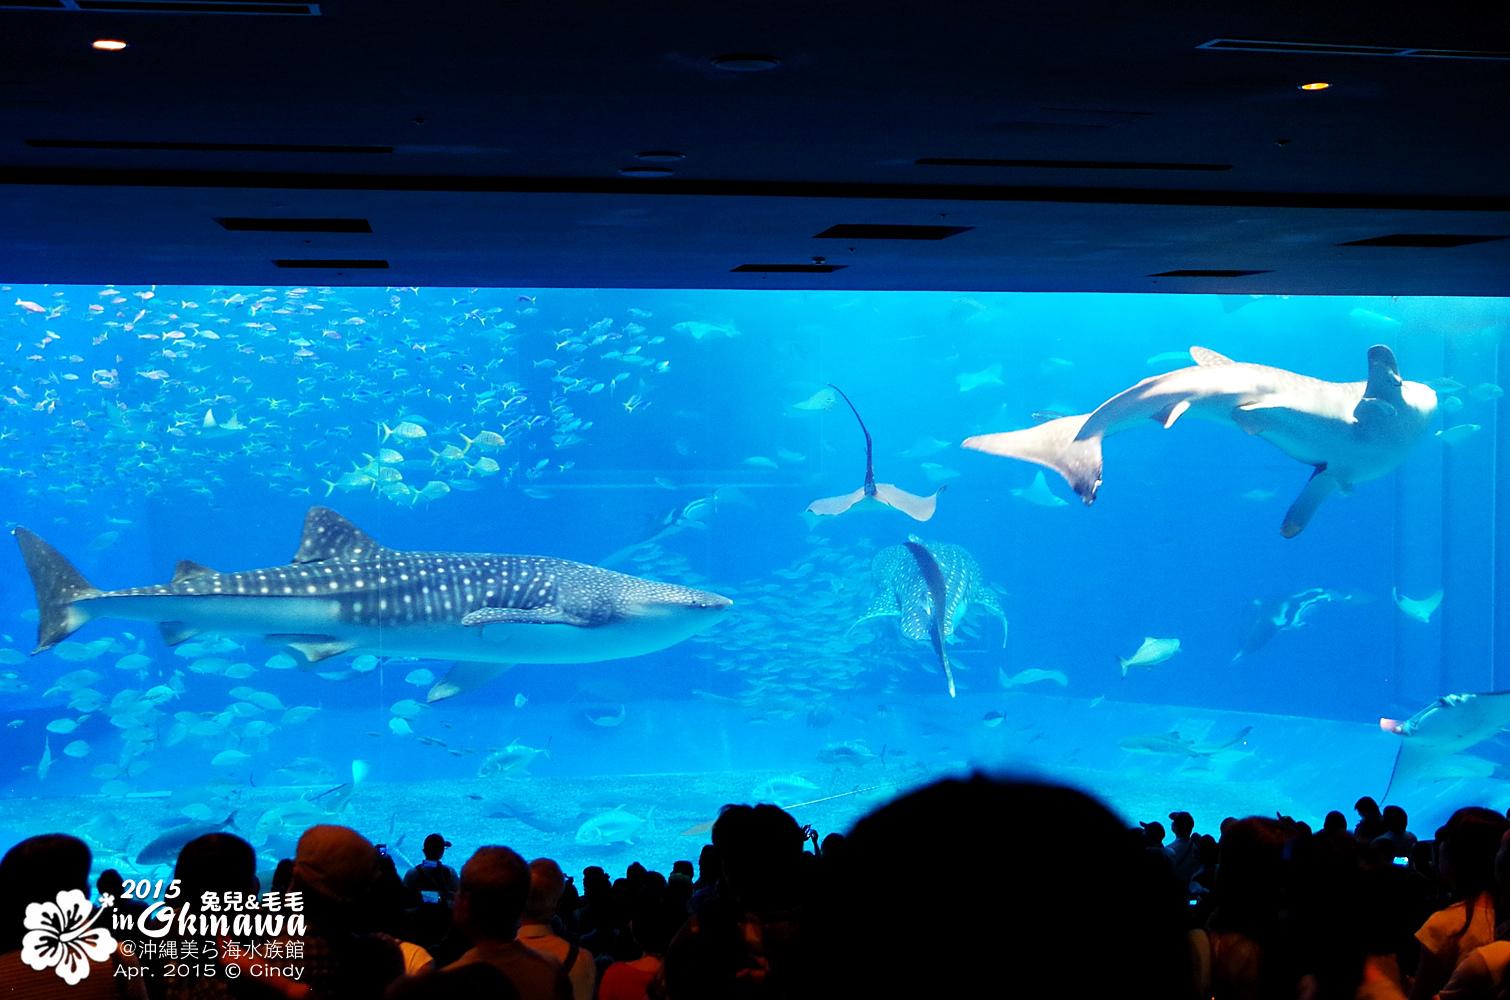 2015-0405-沖縄美ら海水族館-20.jpg